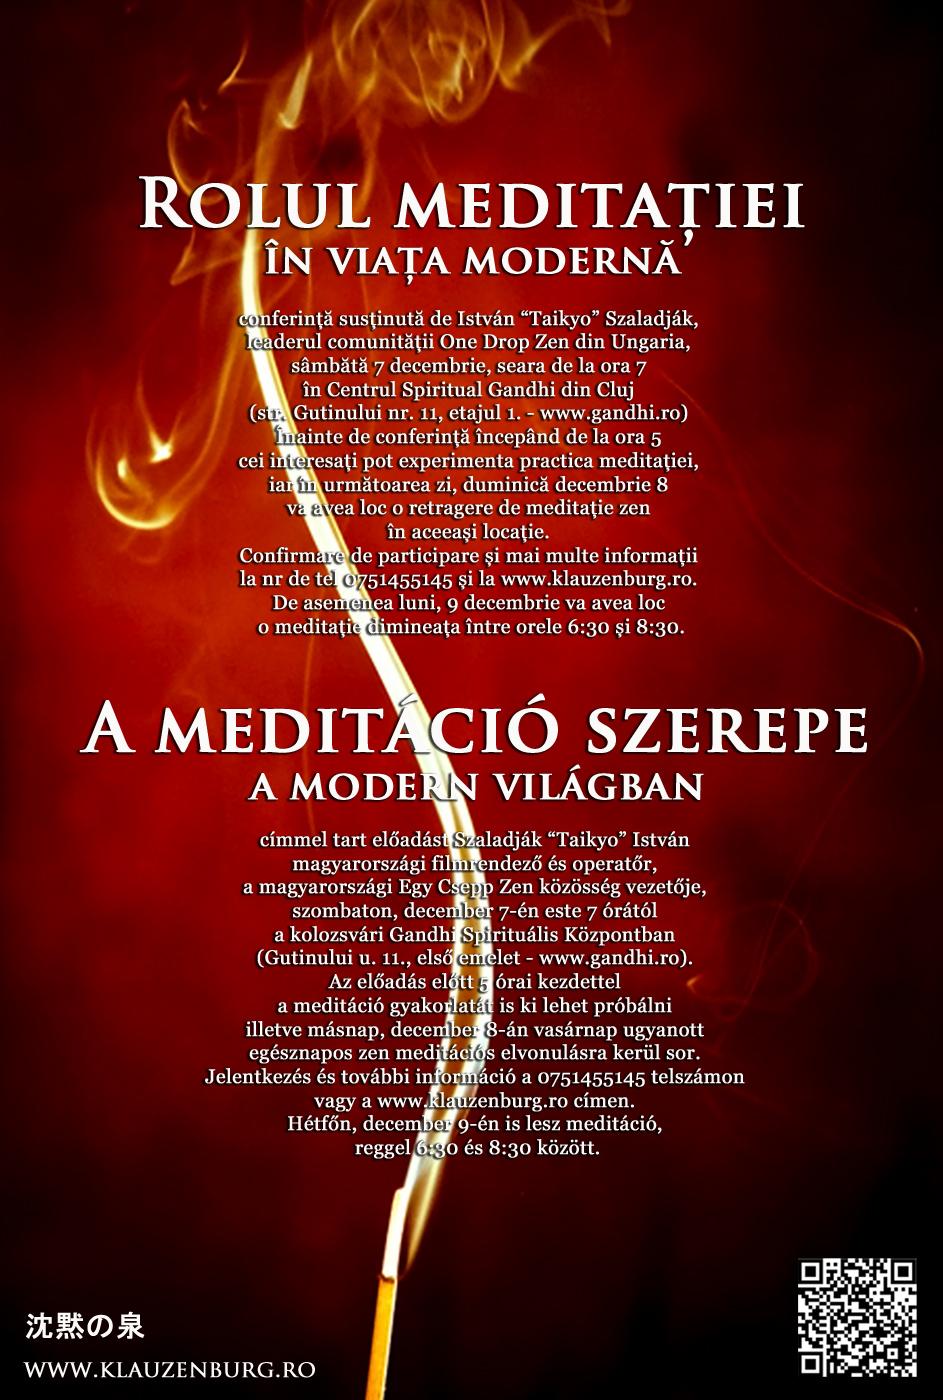 Cluj-Napoca, meditation, retreat, zazen, zen, Szaladjak Taikyo Istvan, One Drop Zen,